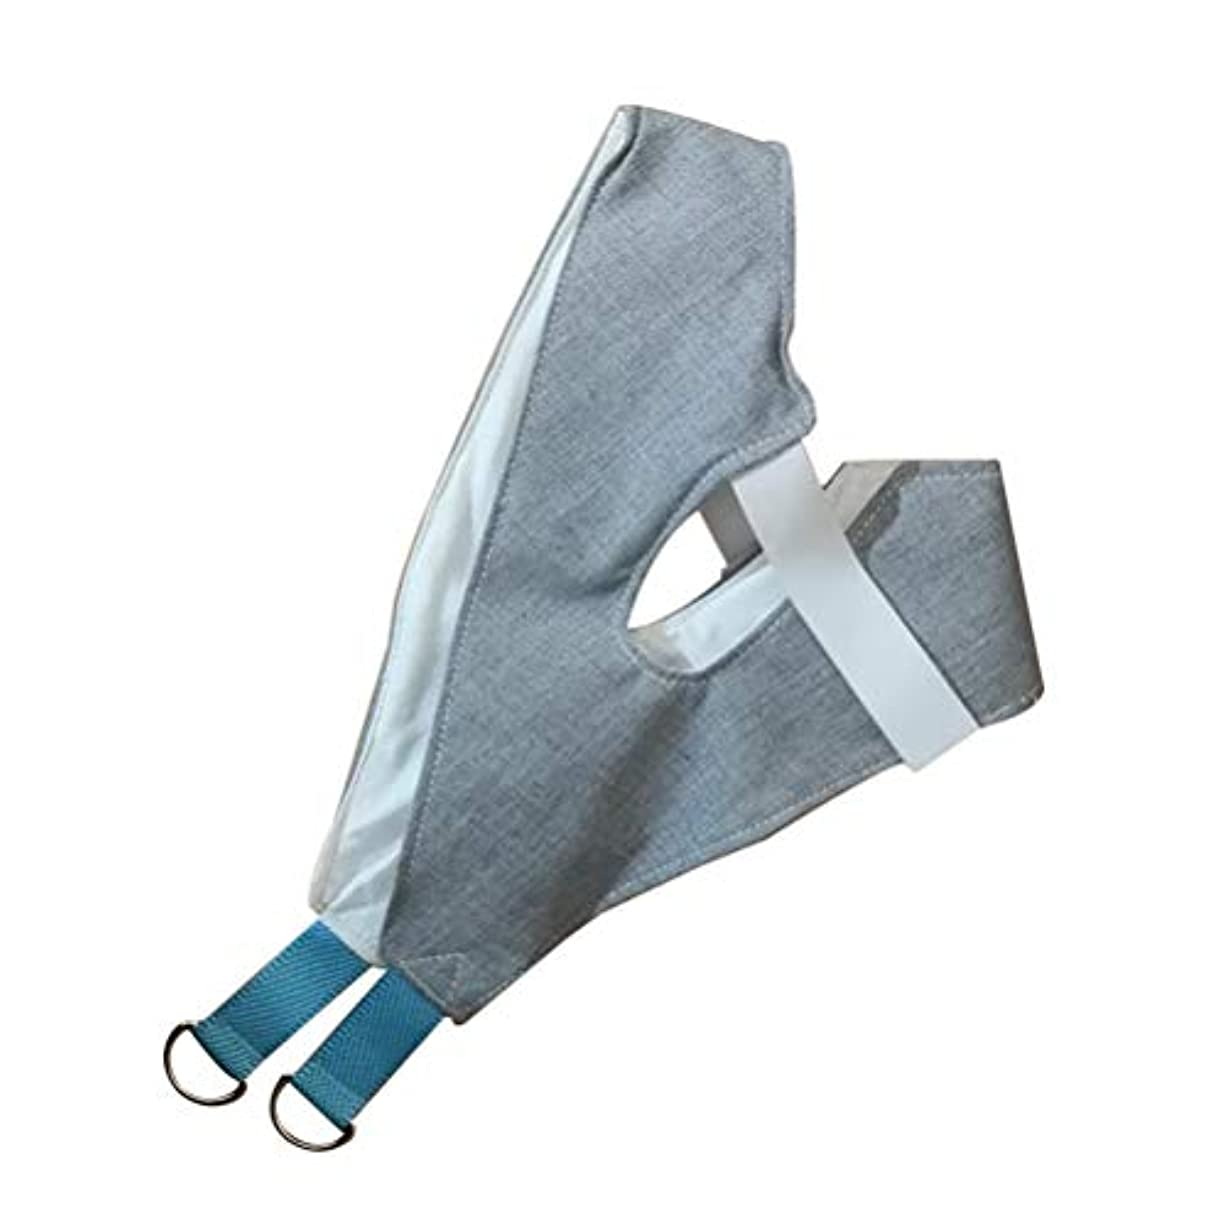 税金軽く死傷者HEALLILY ホームネック牽引装置(ドアの向こう側)頸部牽引装置ユニット肩括弧頭痛緩和および回復用具(ラムダムカラー)